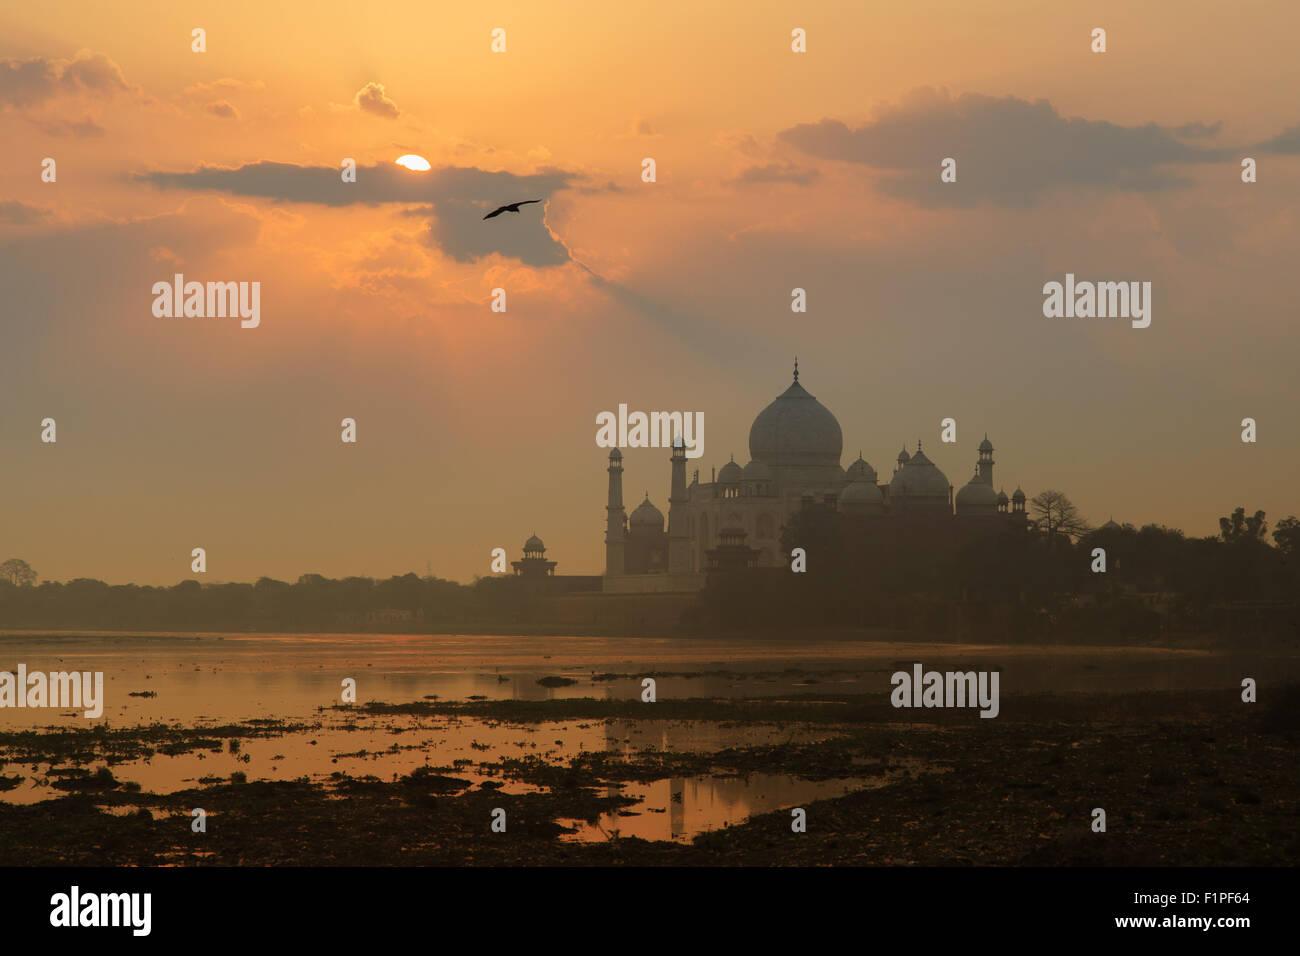 Un sunrise vista del Taj Mahal di Agra, India. Immagini Stock